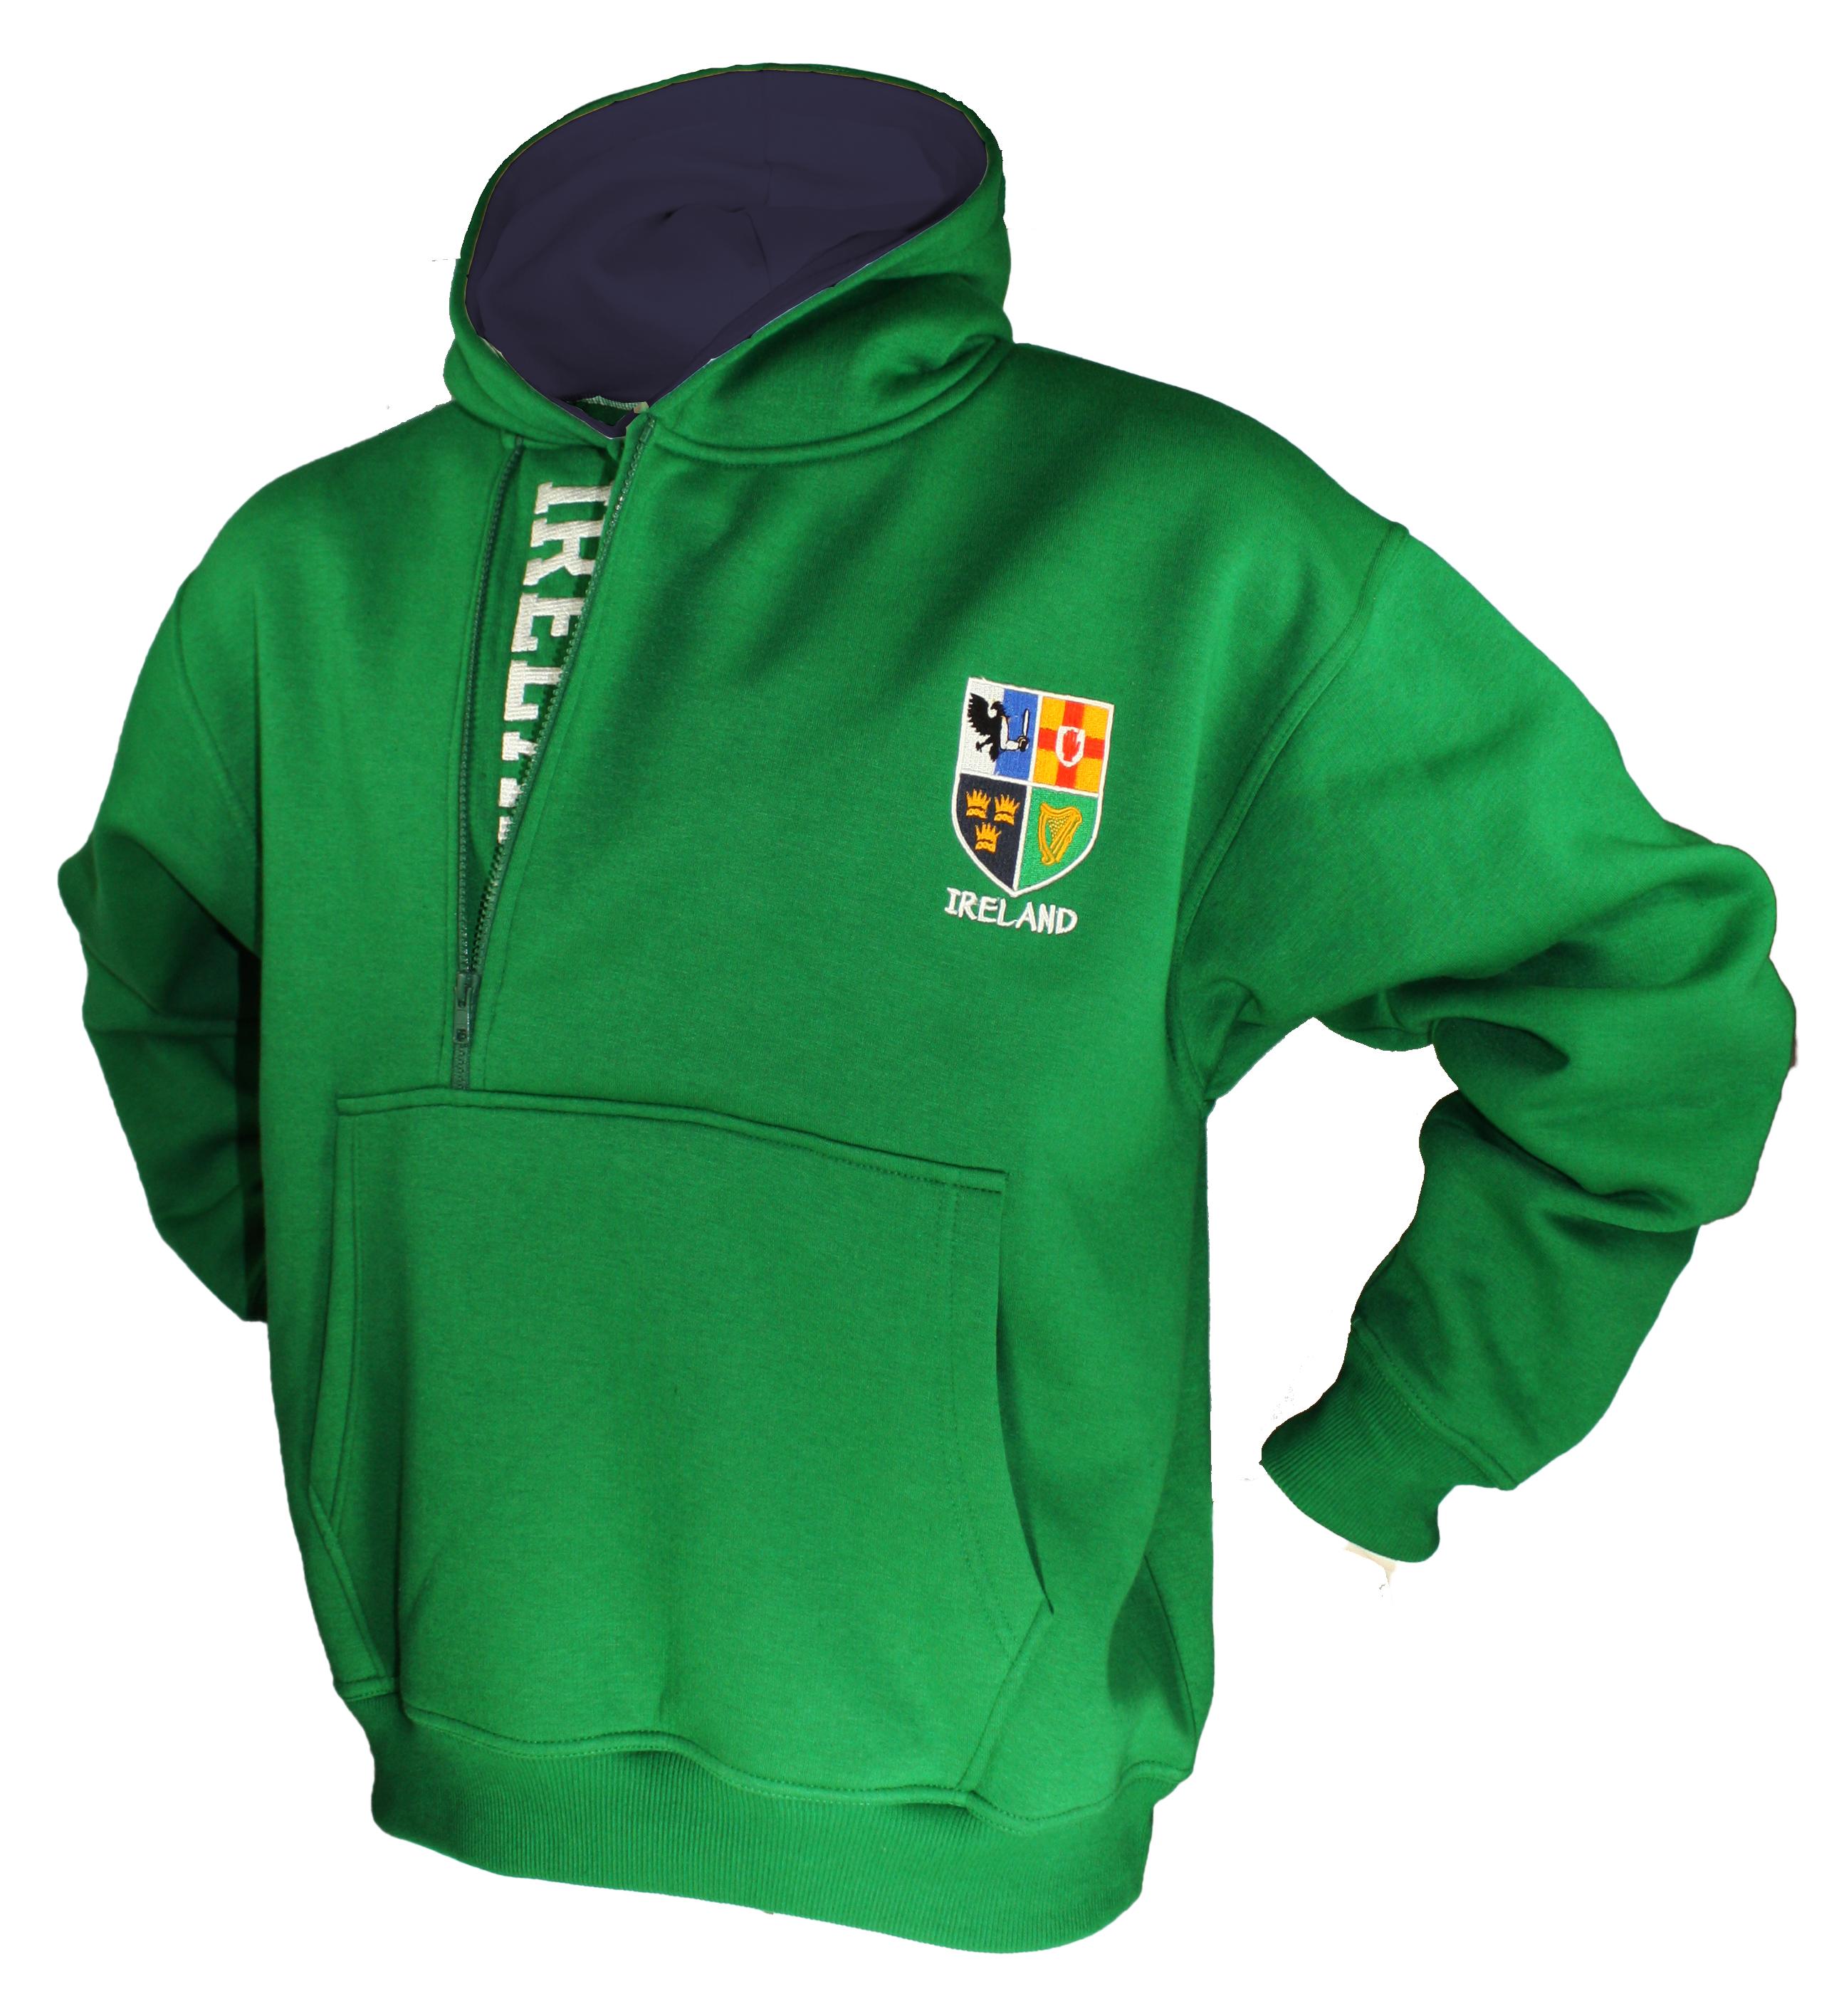 Men-039-s-Half-Zip-Hoodie-Pullover-Sweatshirt-Ireland-Navy-and-Green thumbnail 13